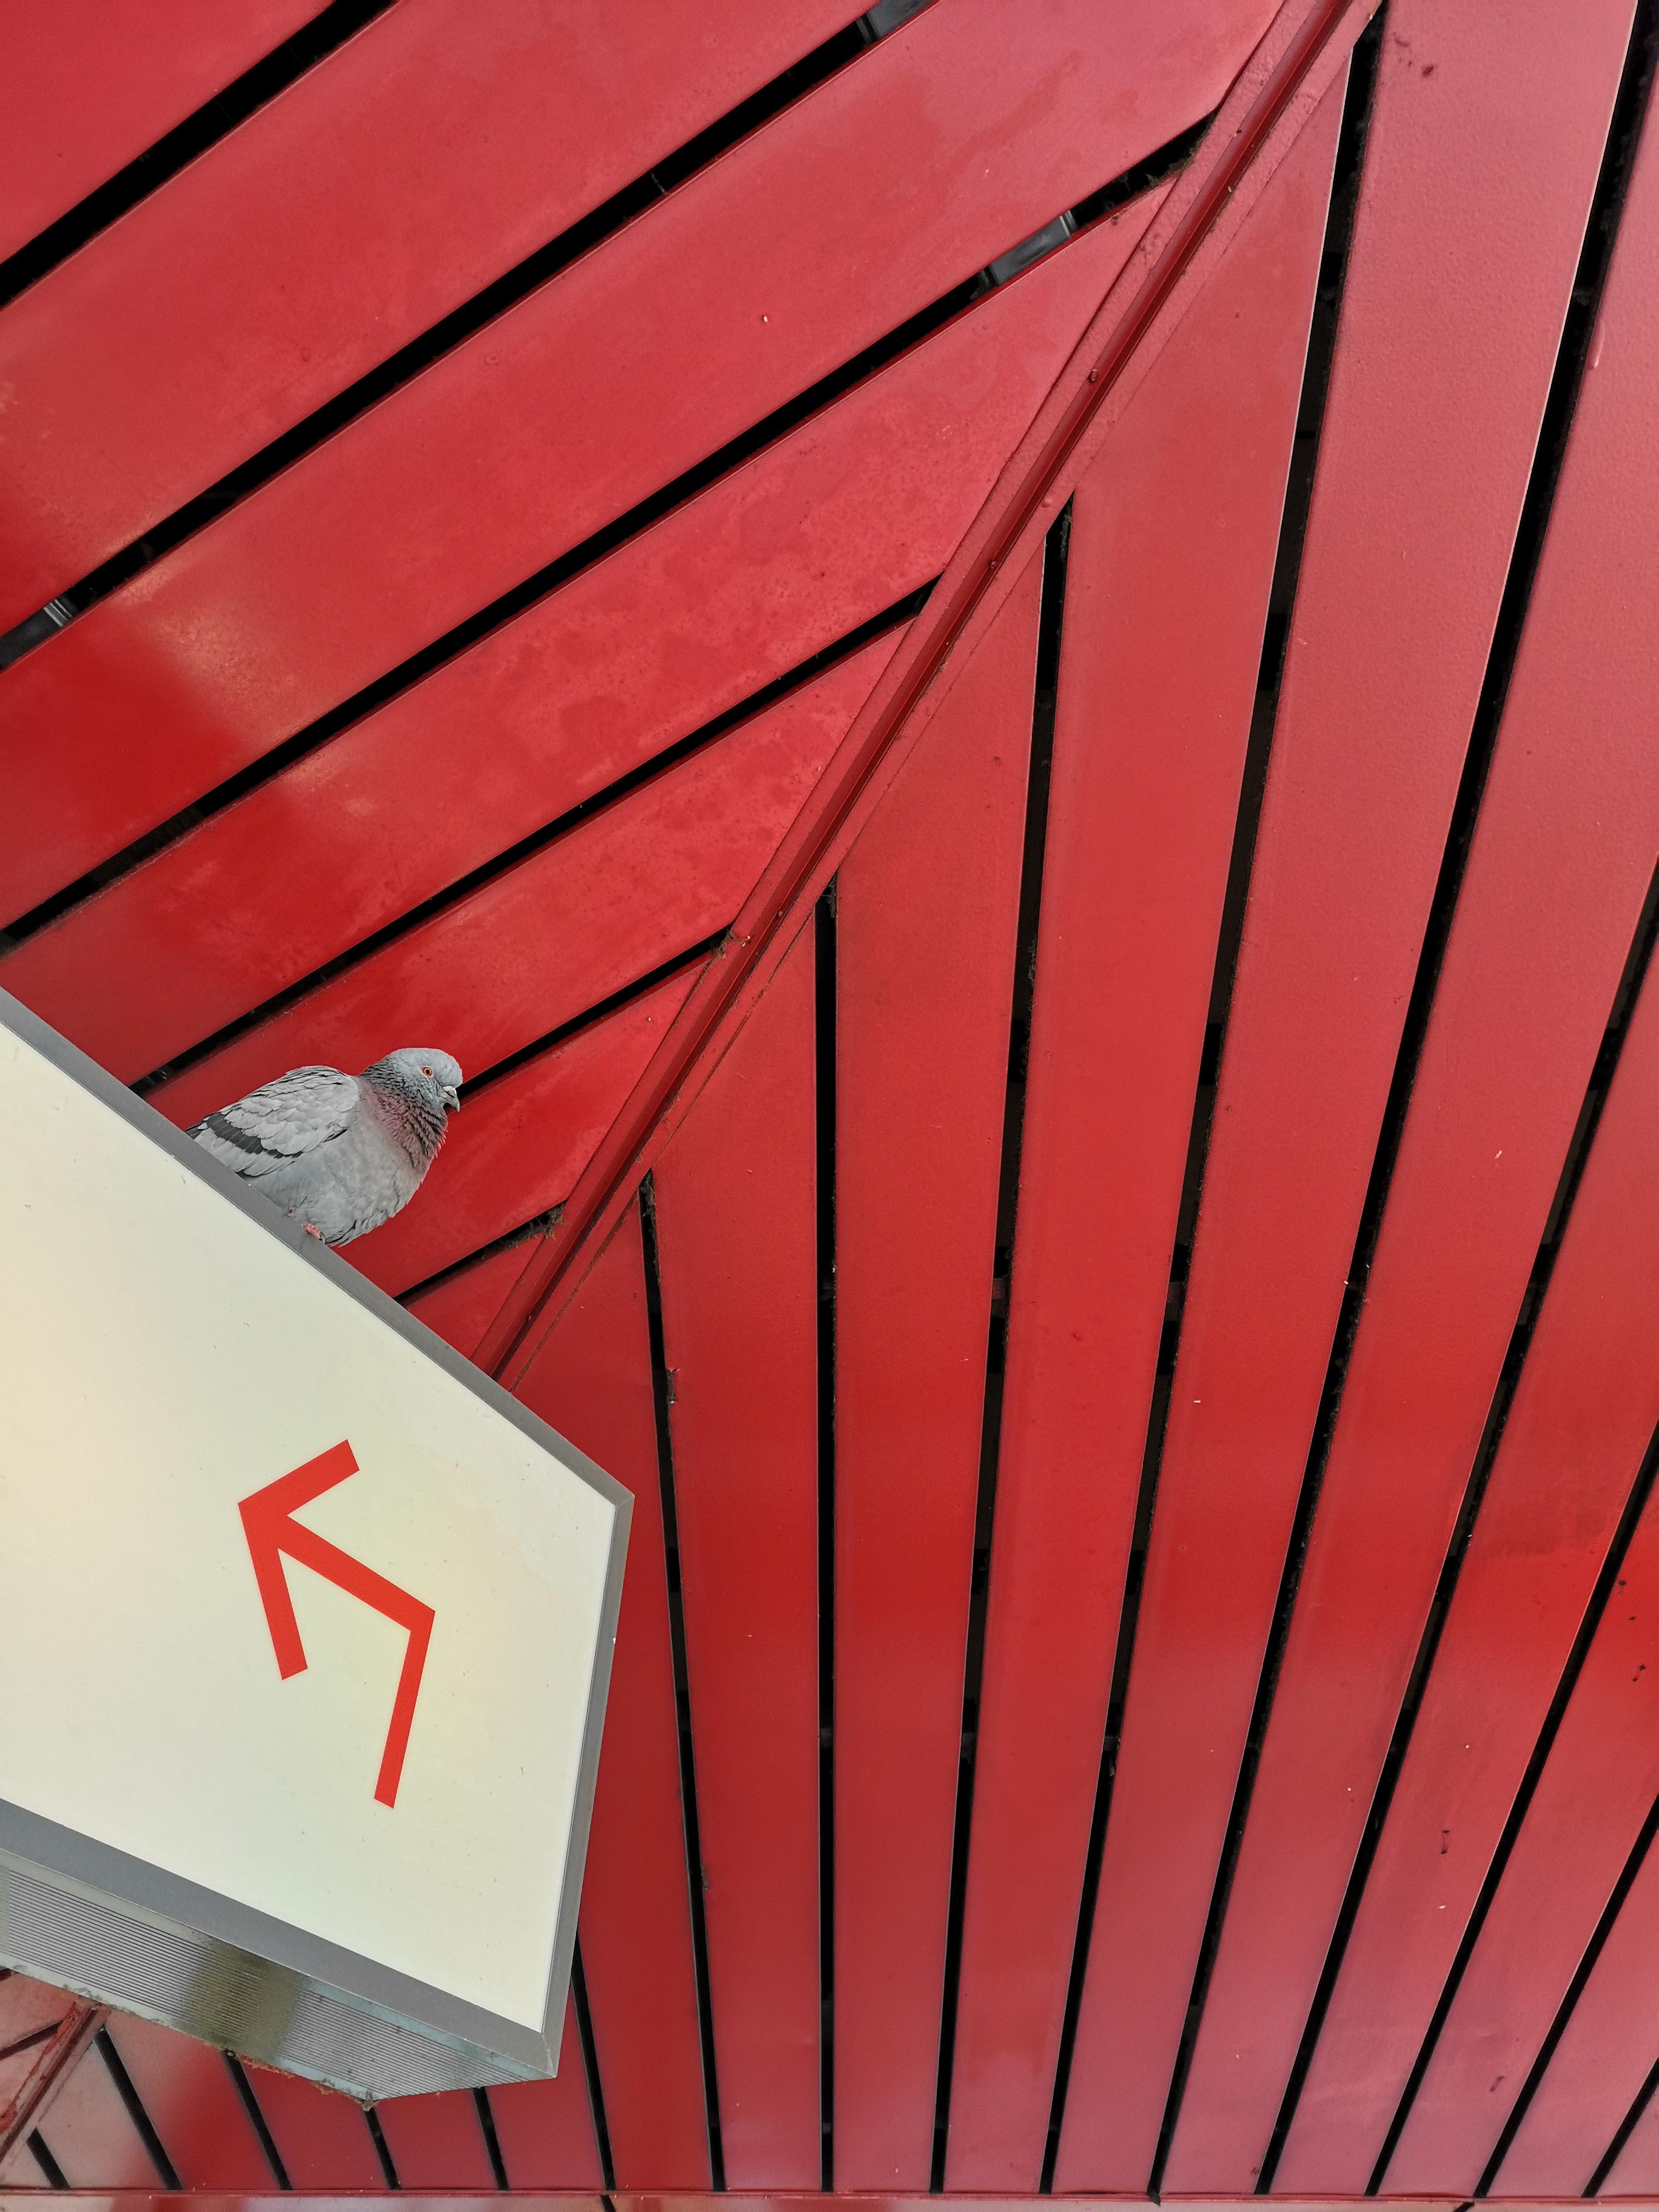 Flughafen-Tegel-Berlin-Schliessung-Taube